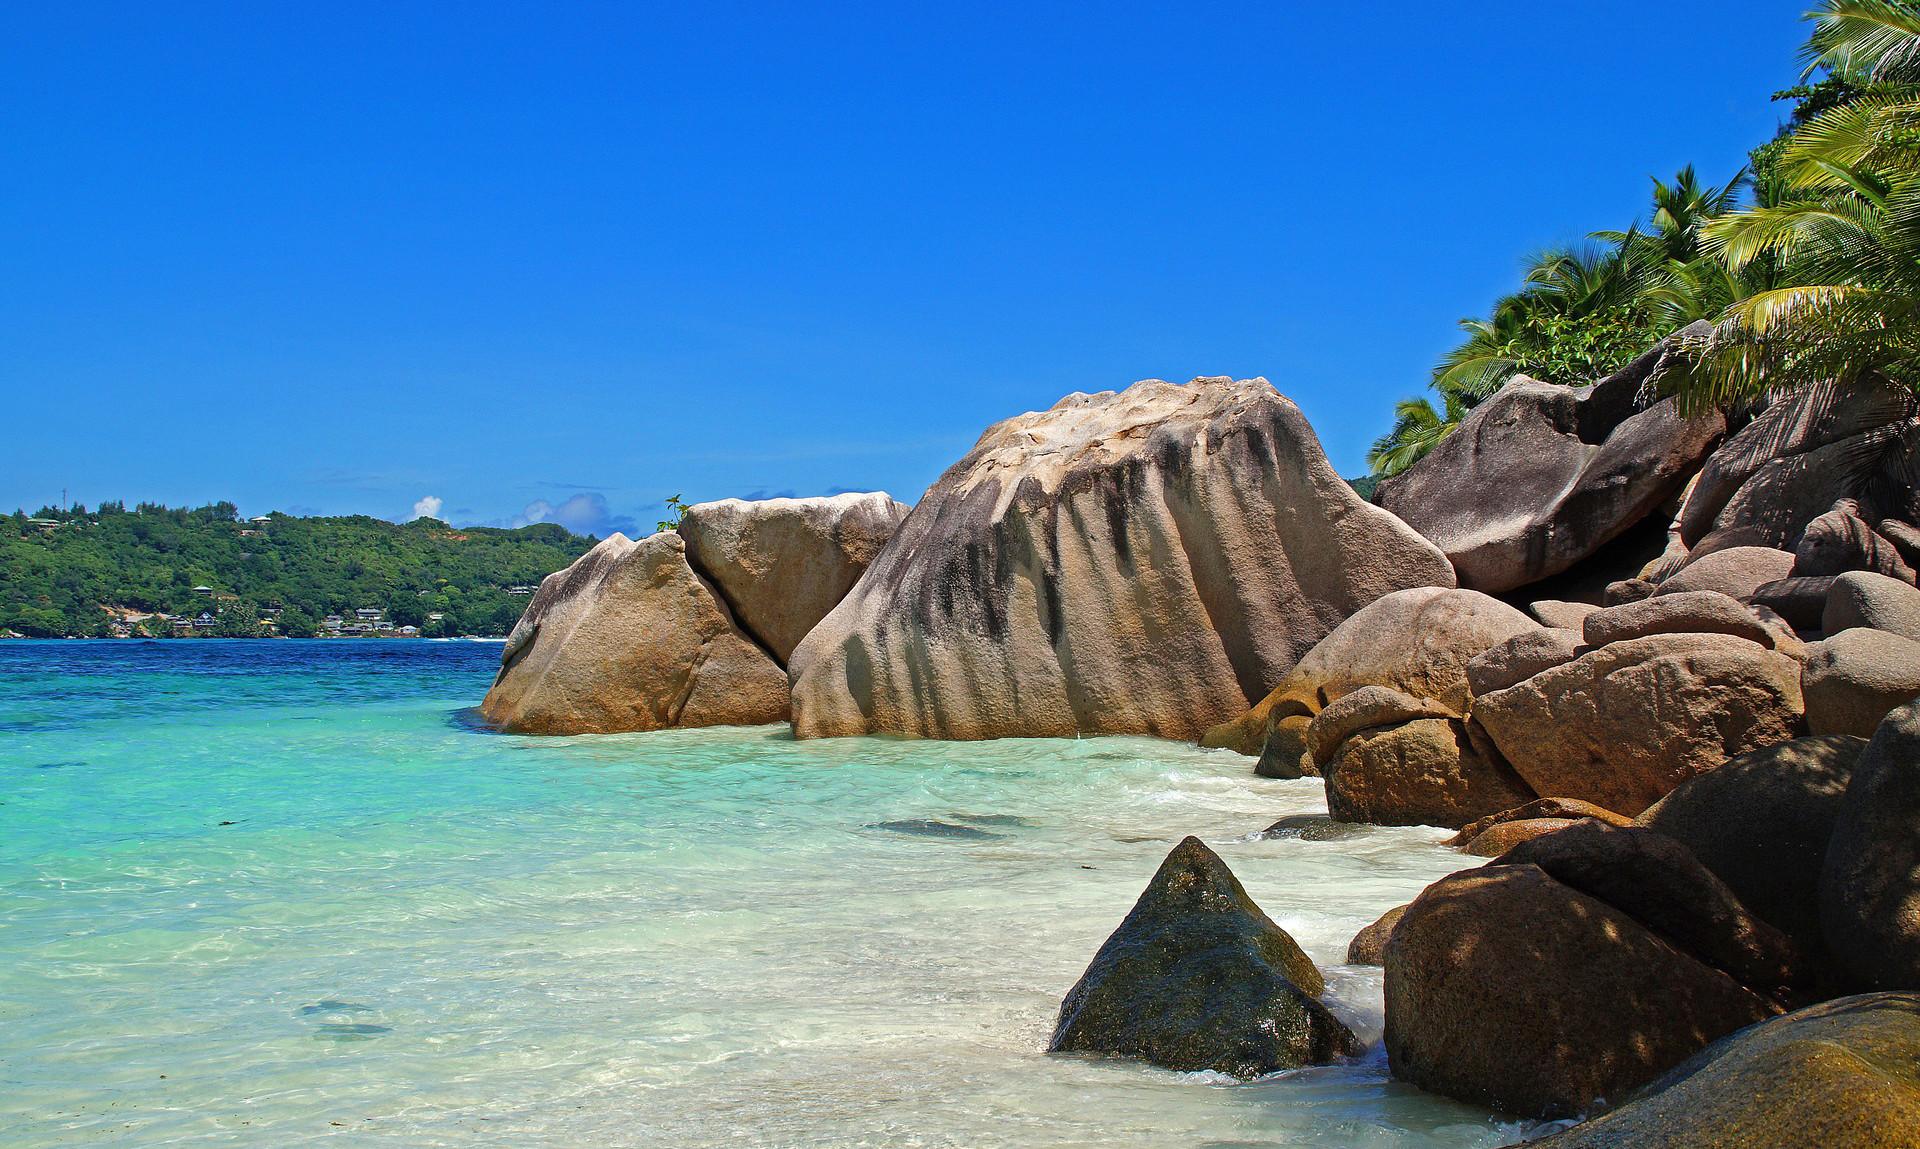 news-main-les-seychelles-obtiennent-le-titre-de-plus-belle-ile-au-monde-en-russie.1554212710.jpg